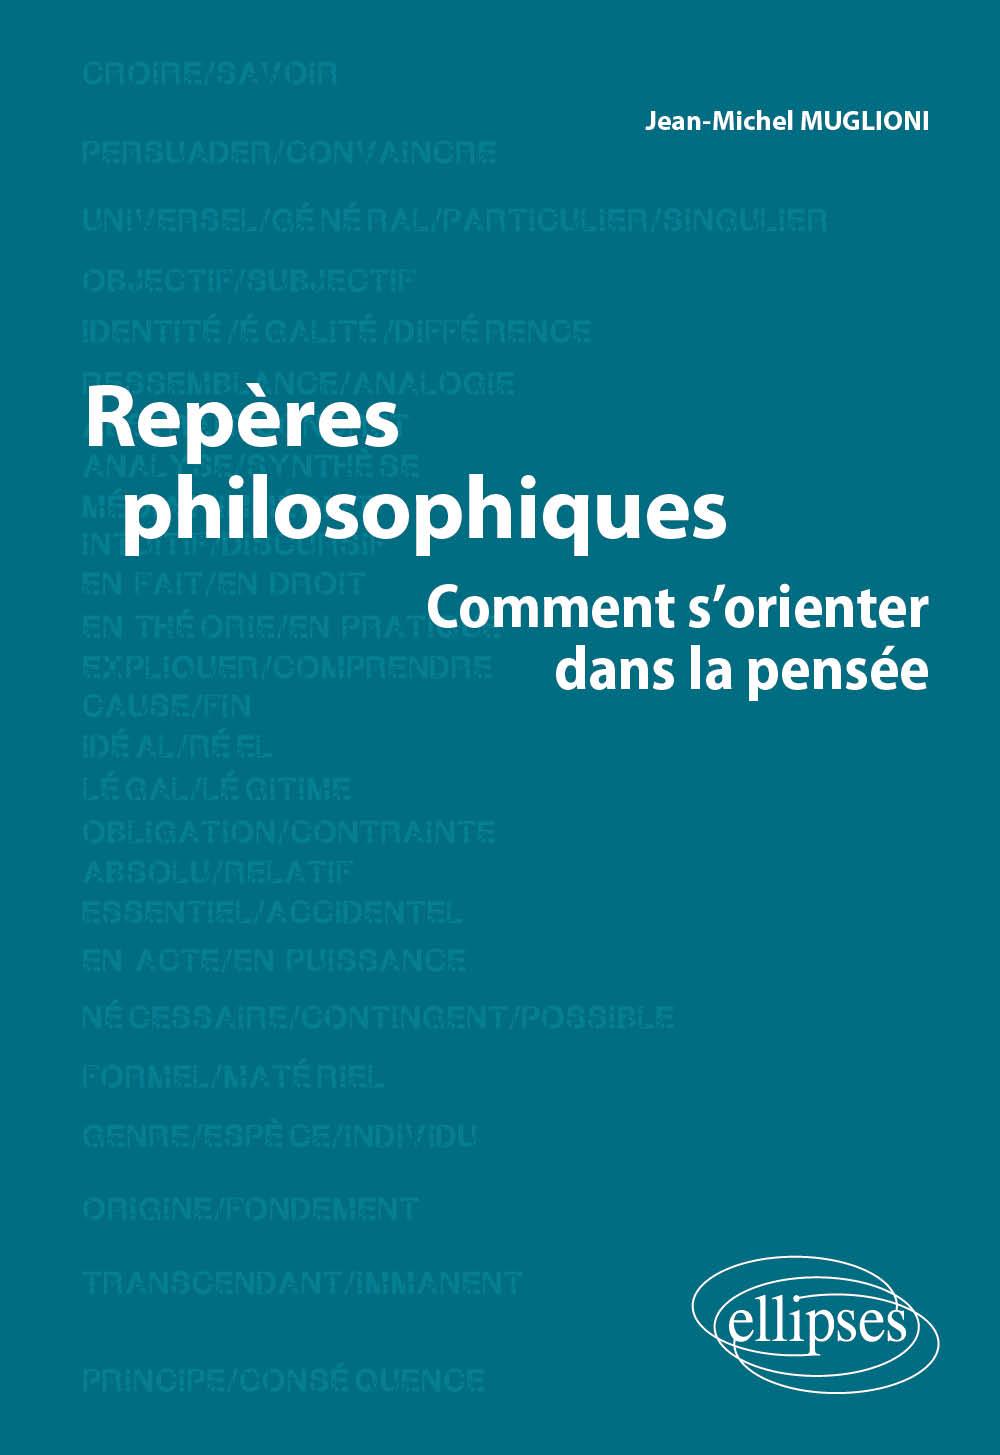 Devoir-de-philosophie com: Aide la dissertation